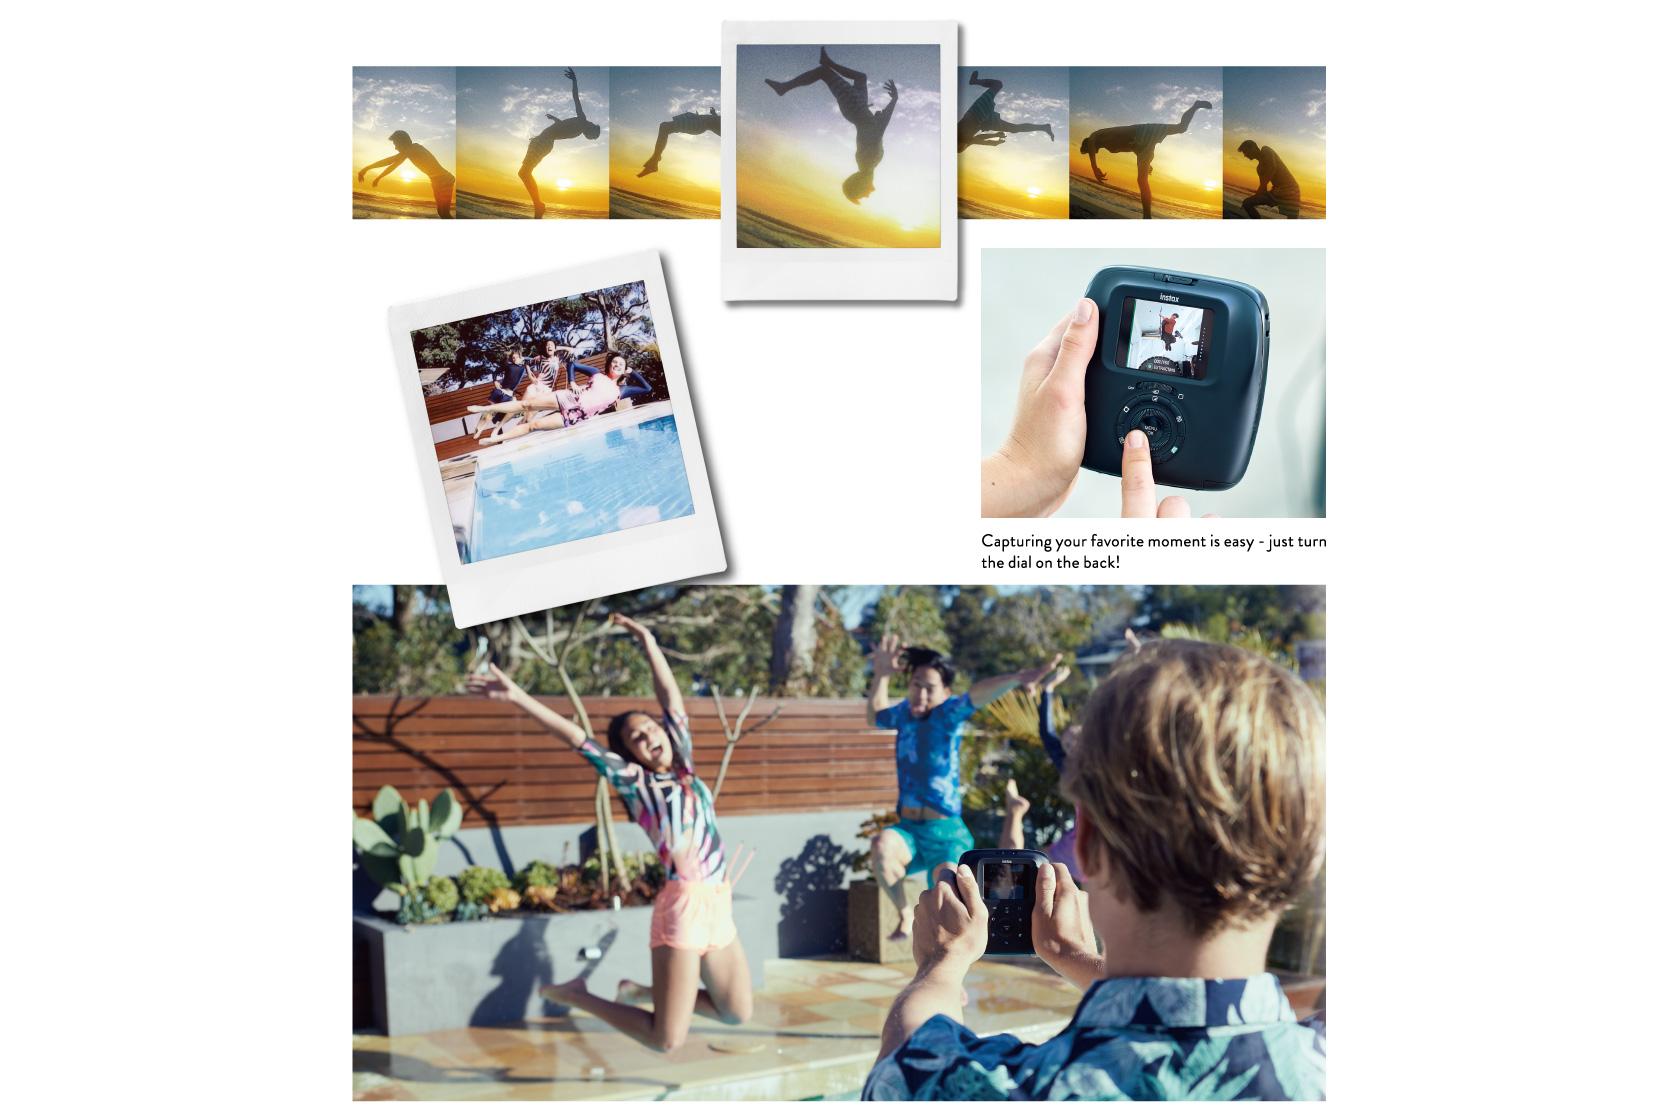 Imagens em sequência de uma pessoa virando cambalhota, uma foto de meninas caindo na piscina e imagem de alguém virando o seletor na parte de trás da SQ20 e pessoa fotografando na piscina com a SQ20